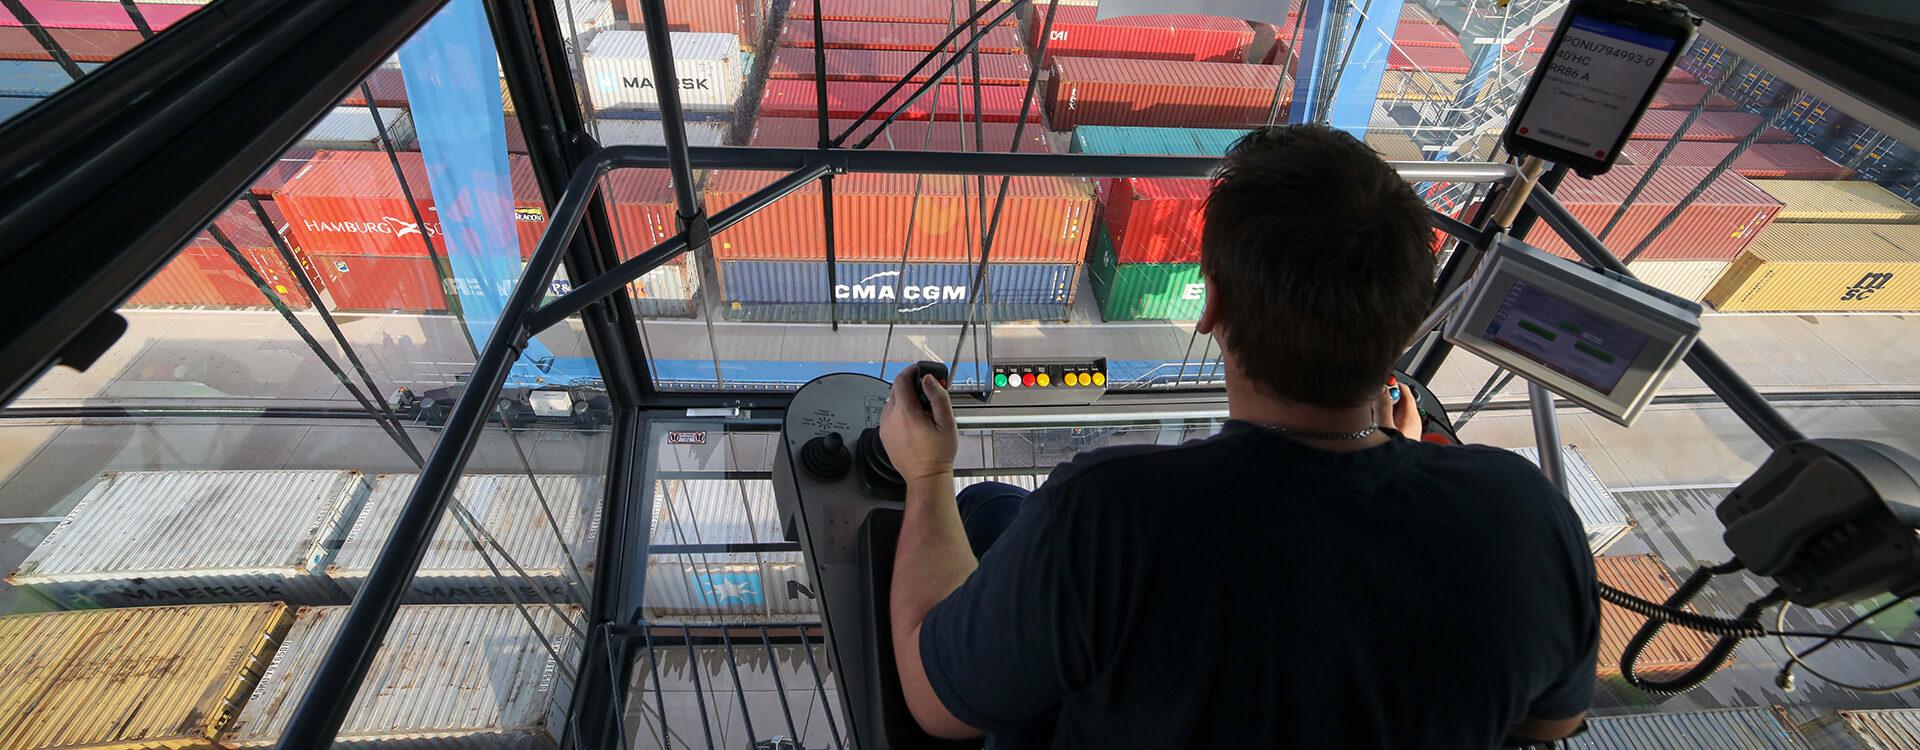 Leistungsfähige Container-Drehscheibe für die Region